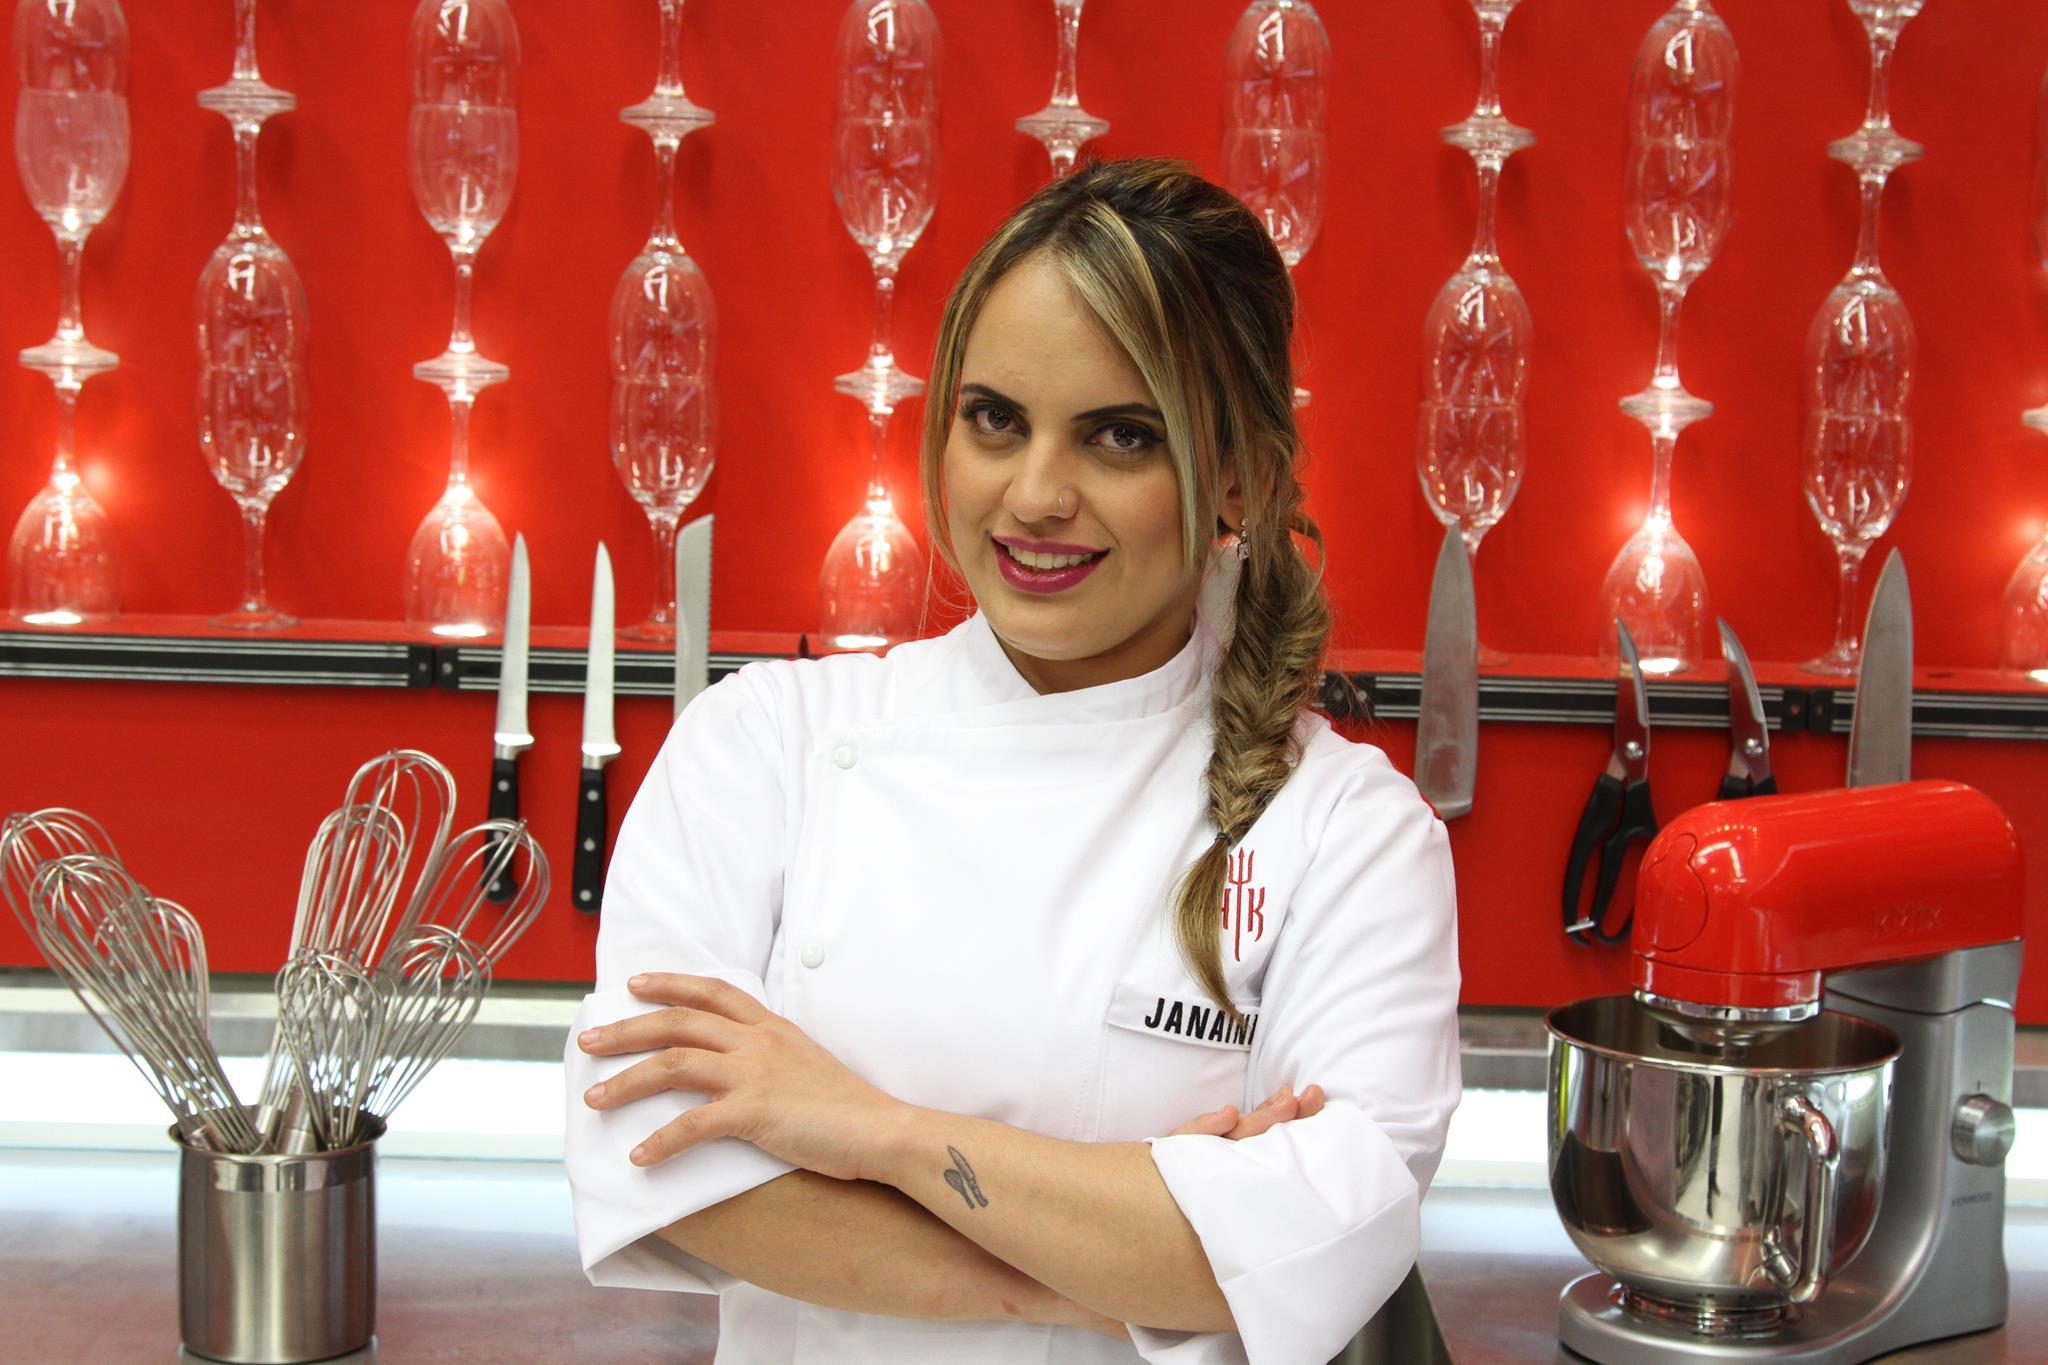 A mineira Janaina trabalhou em vários restaurantes renomados de Belo Horizonte e diz saber enfrentar grupos de homens que a veem com preconceito por ser mulher. É formada em gastronomia e técnica de alimentos e nutrição